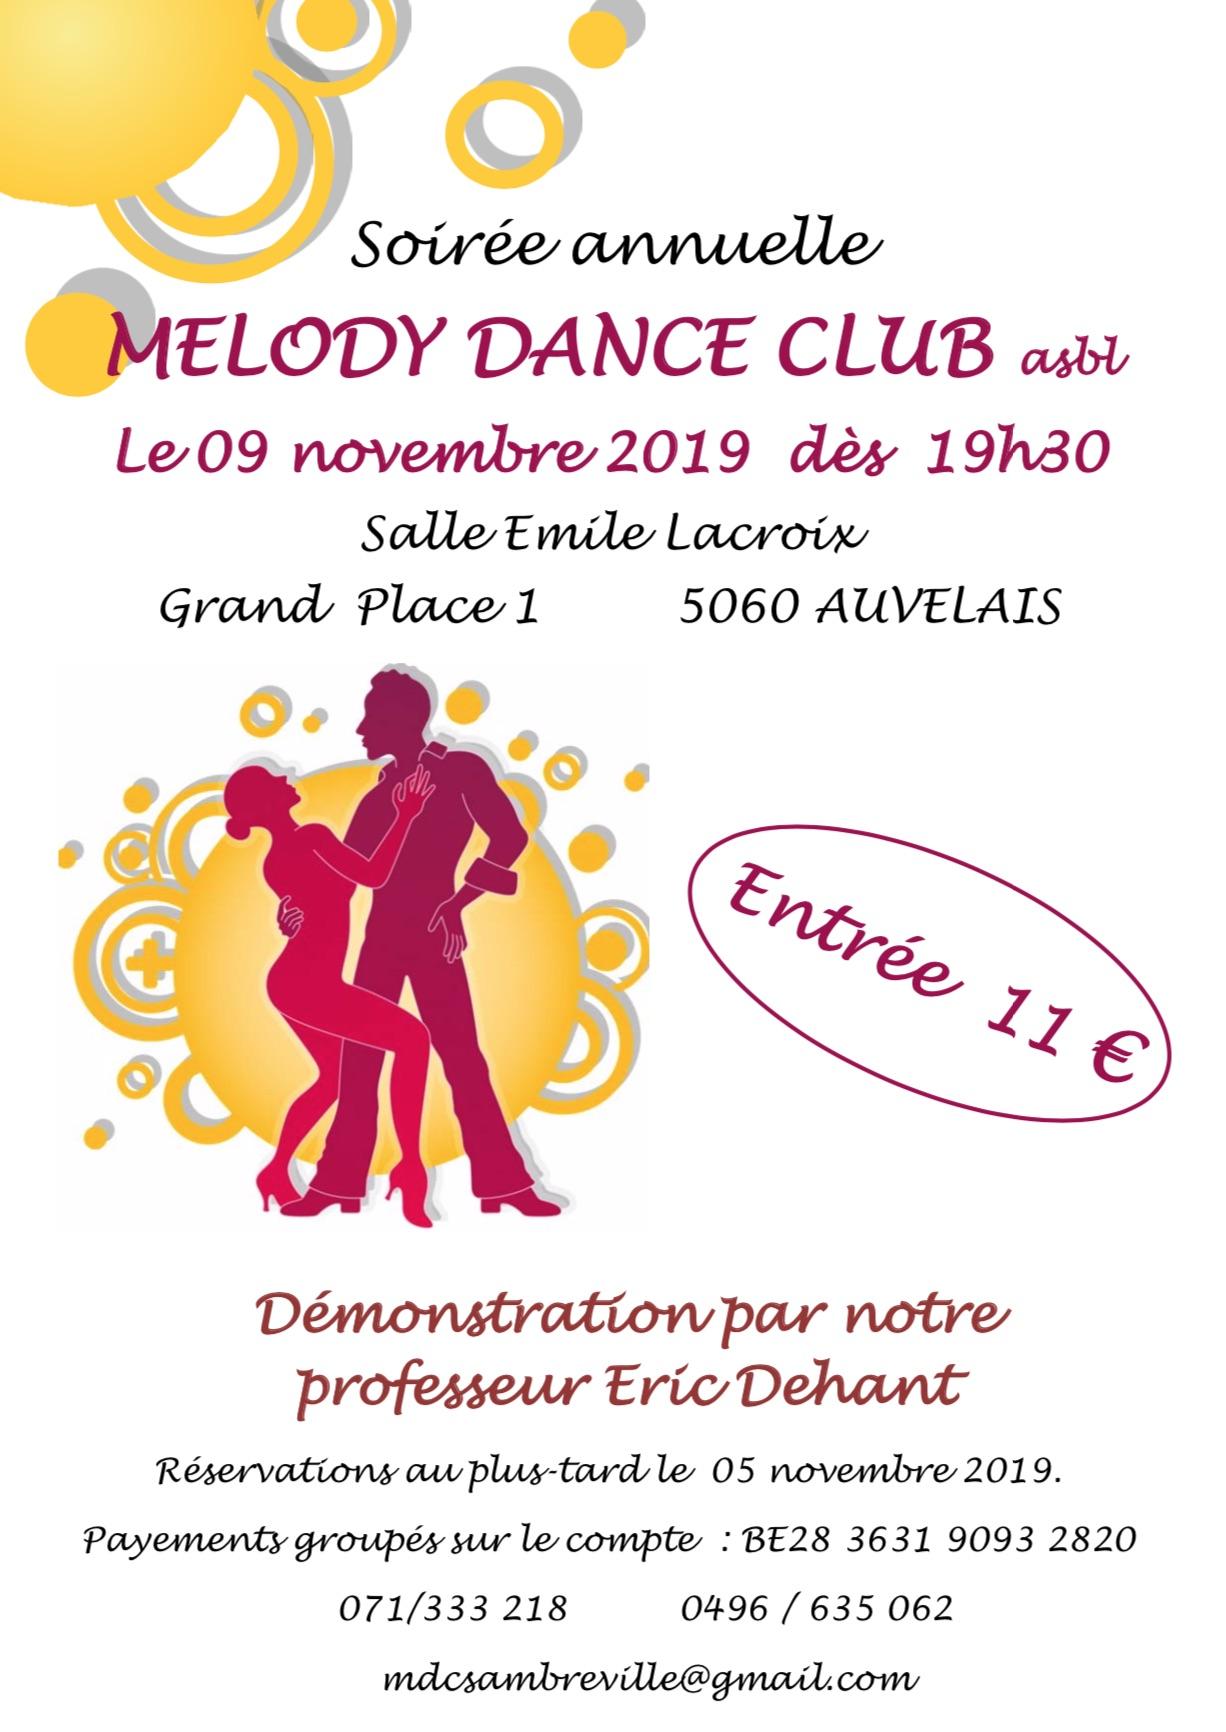 Melody Dance Club